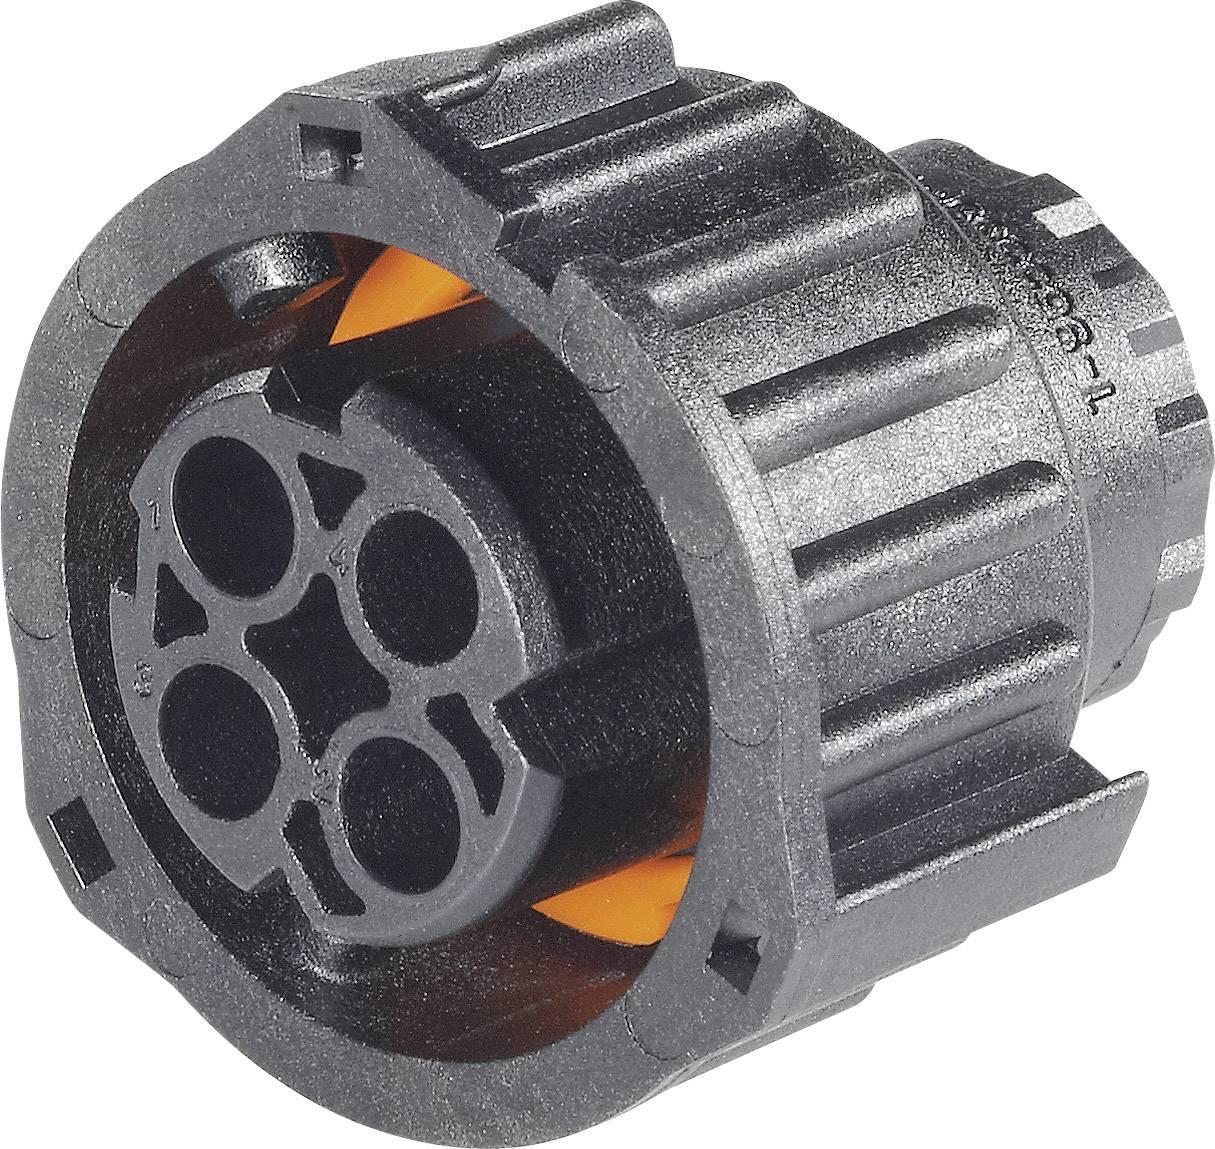 Kulatá propojka TE Connectivity AMP DIN 72585 (1-967325-3), zásuvka rovná, IP69/IP69K